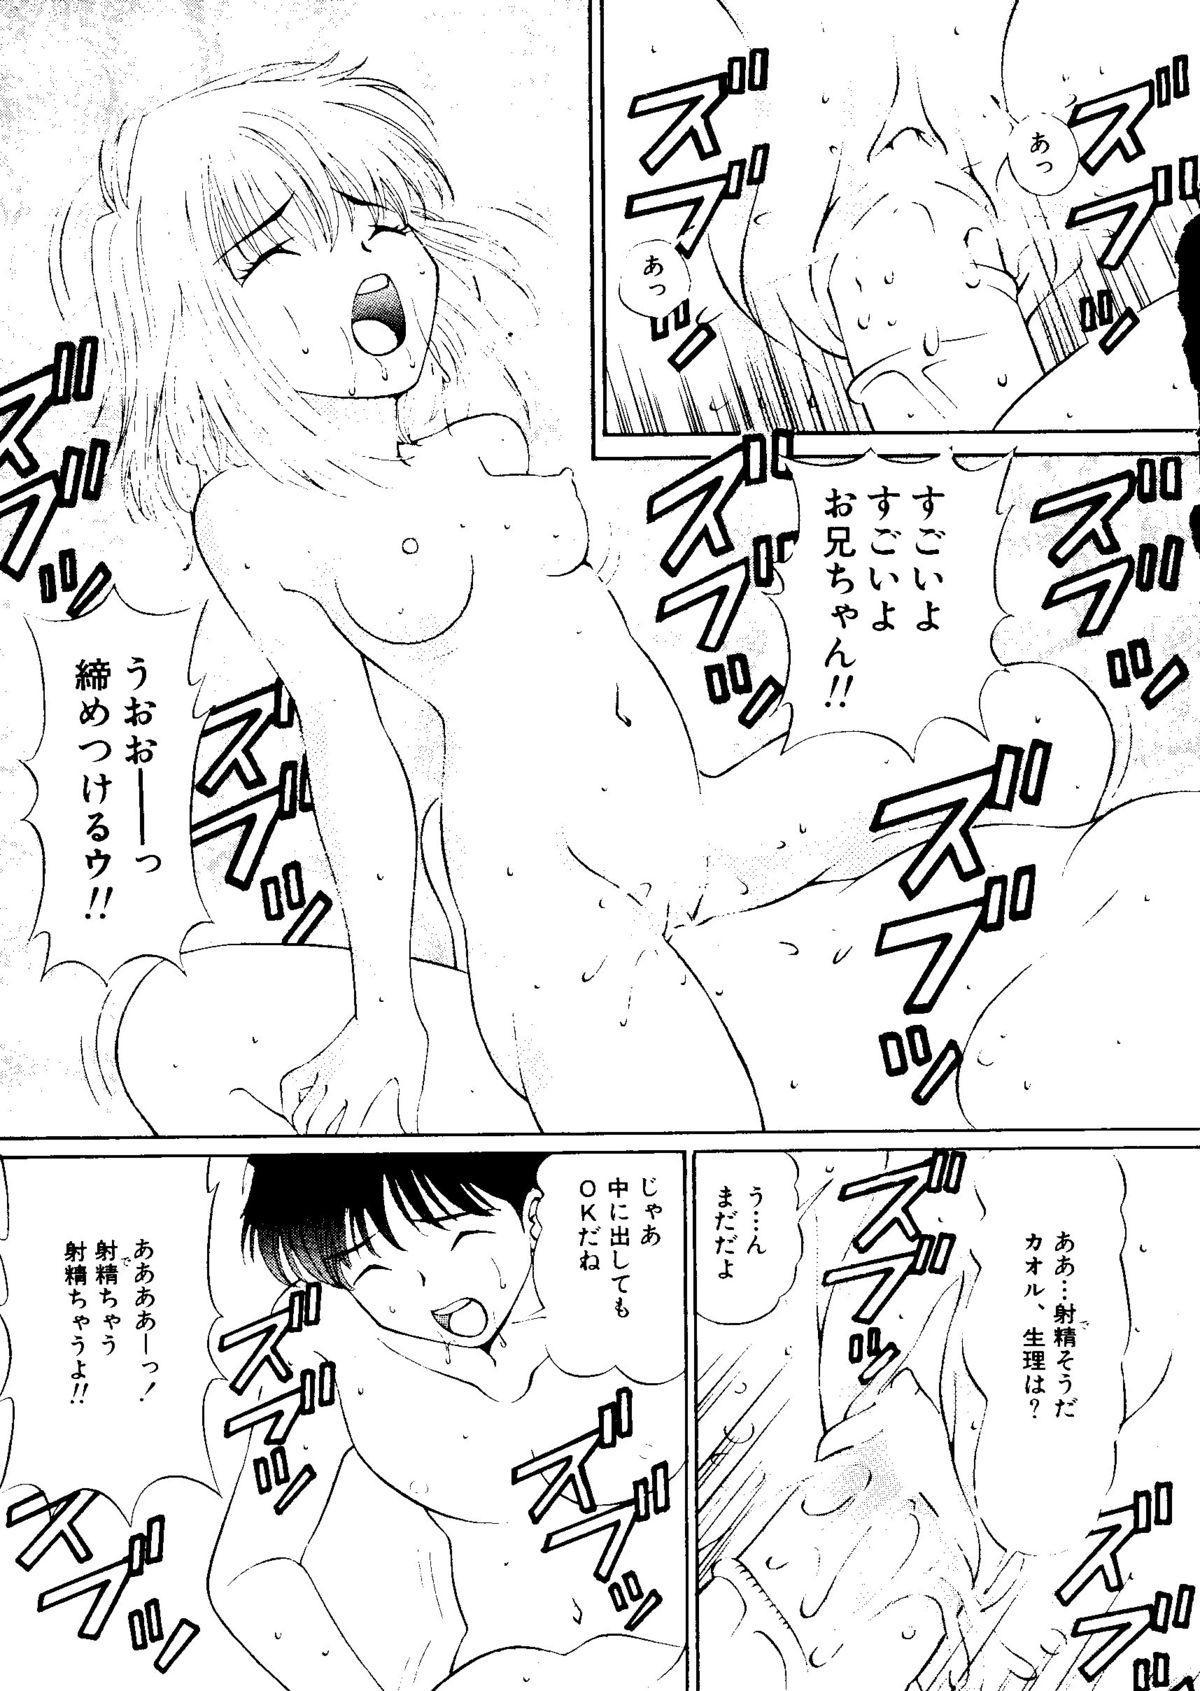 Mujirushi Youhin Vol. 7 55